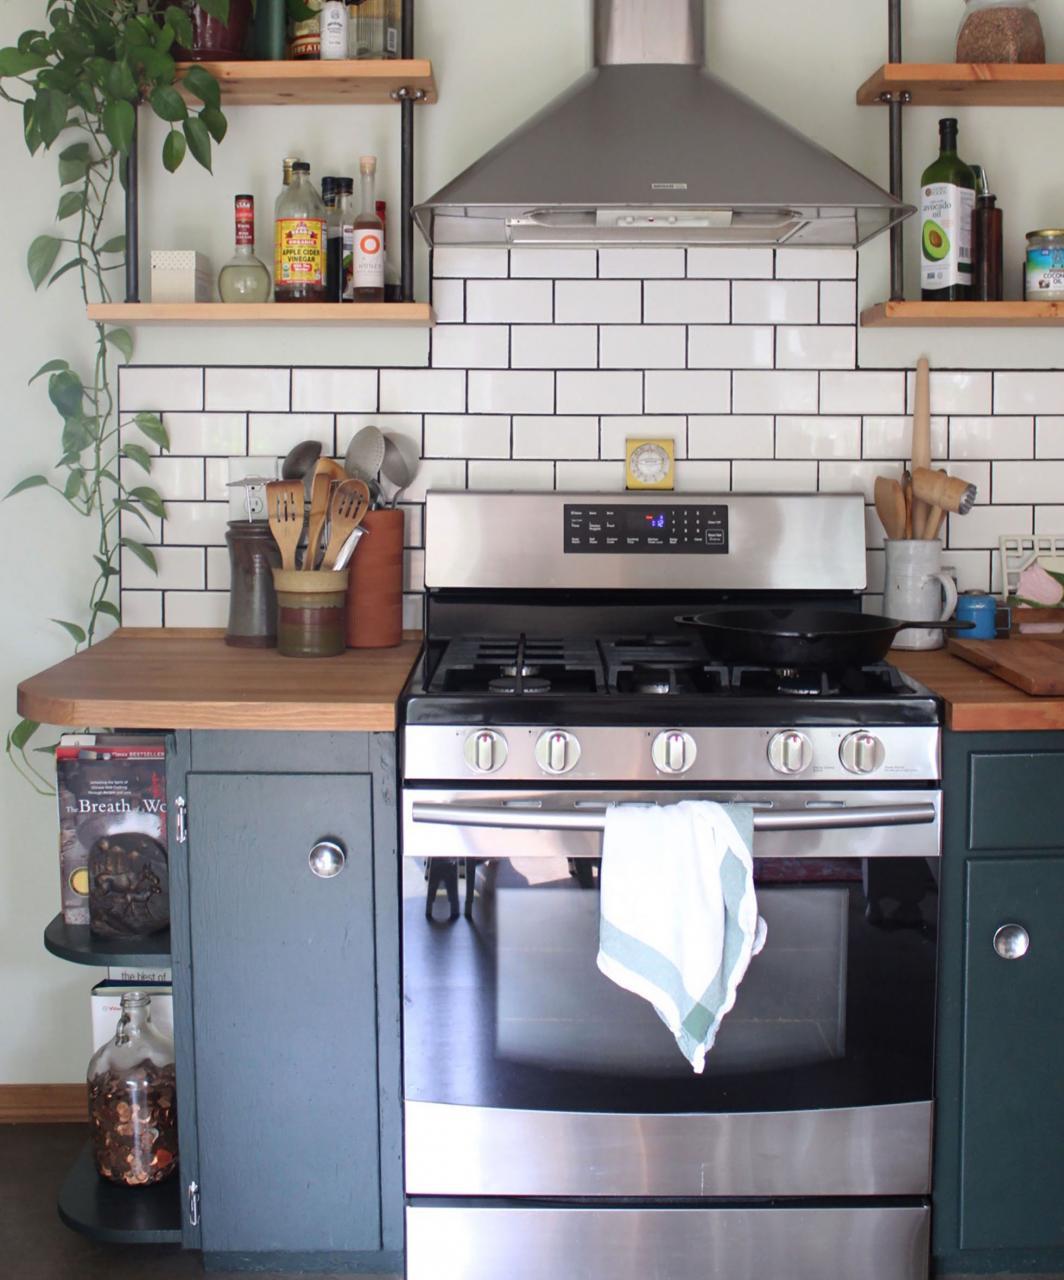 صورة لمحبي قبل وبعد مطبخي القديم صار مودرن بلمسات بسيطة 1379 7